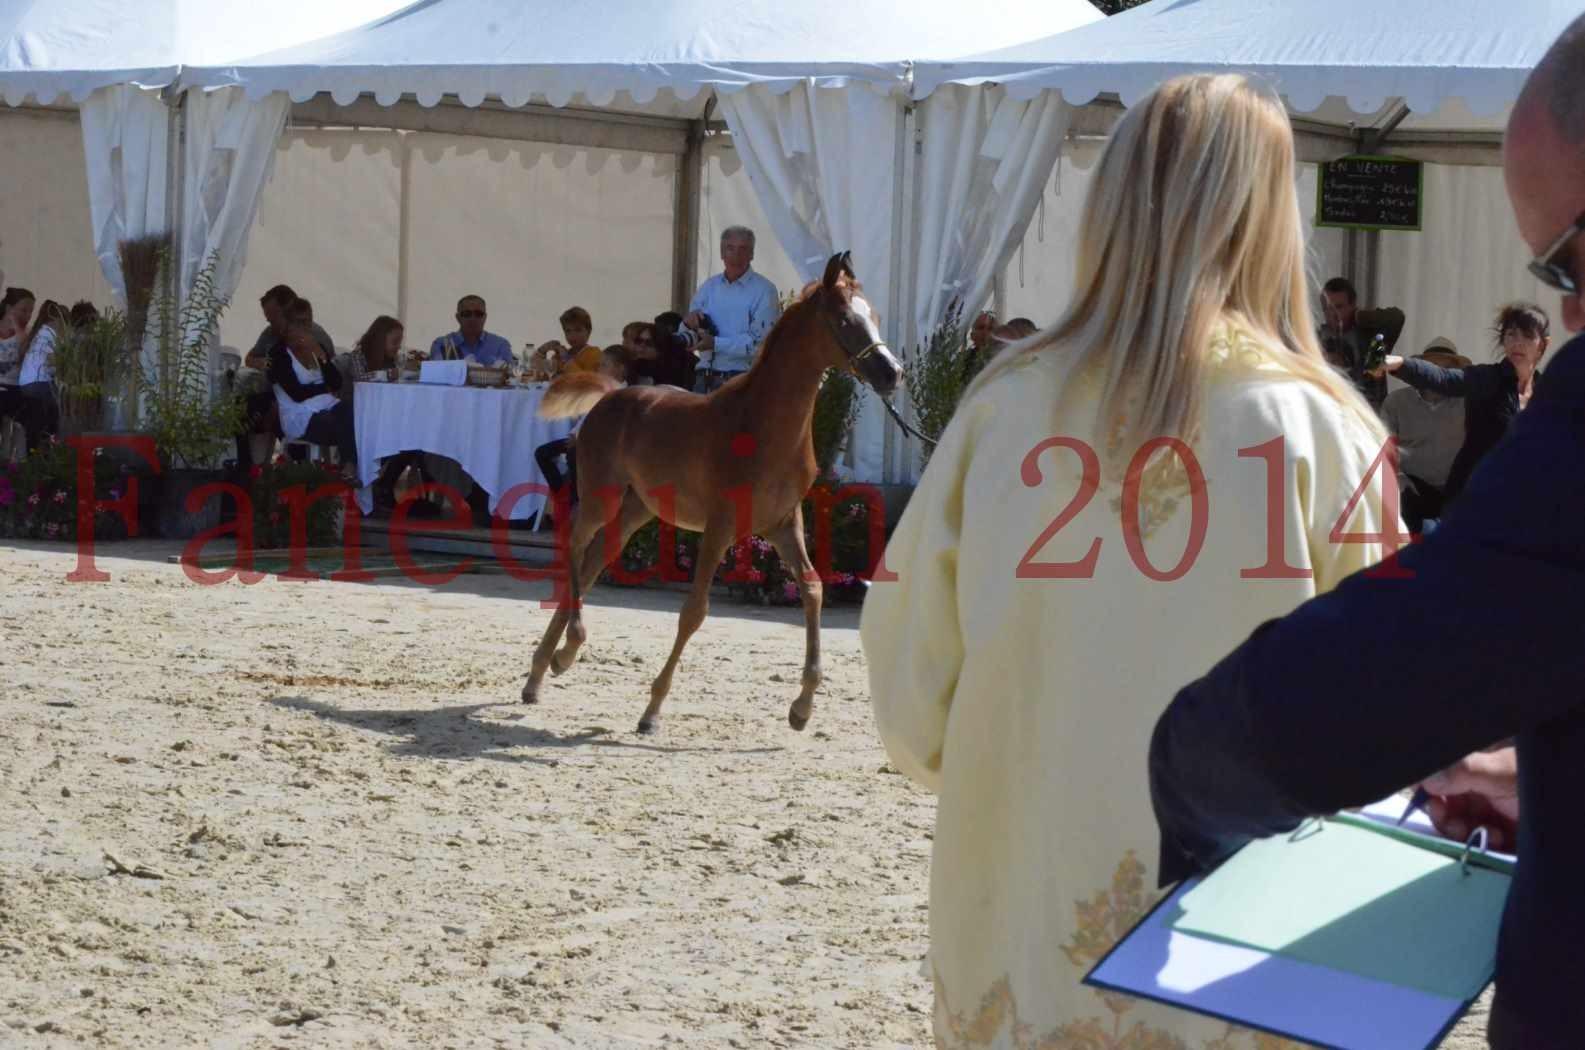 CHAMPIONNAT DE FRANCE 2014 A POMPADOUR - Championnat - TSAR KENZA - 61